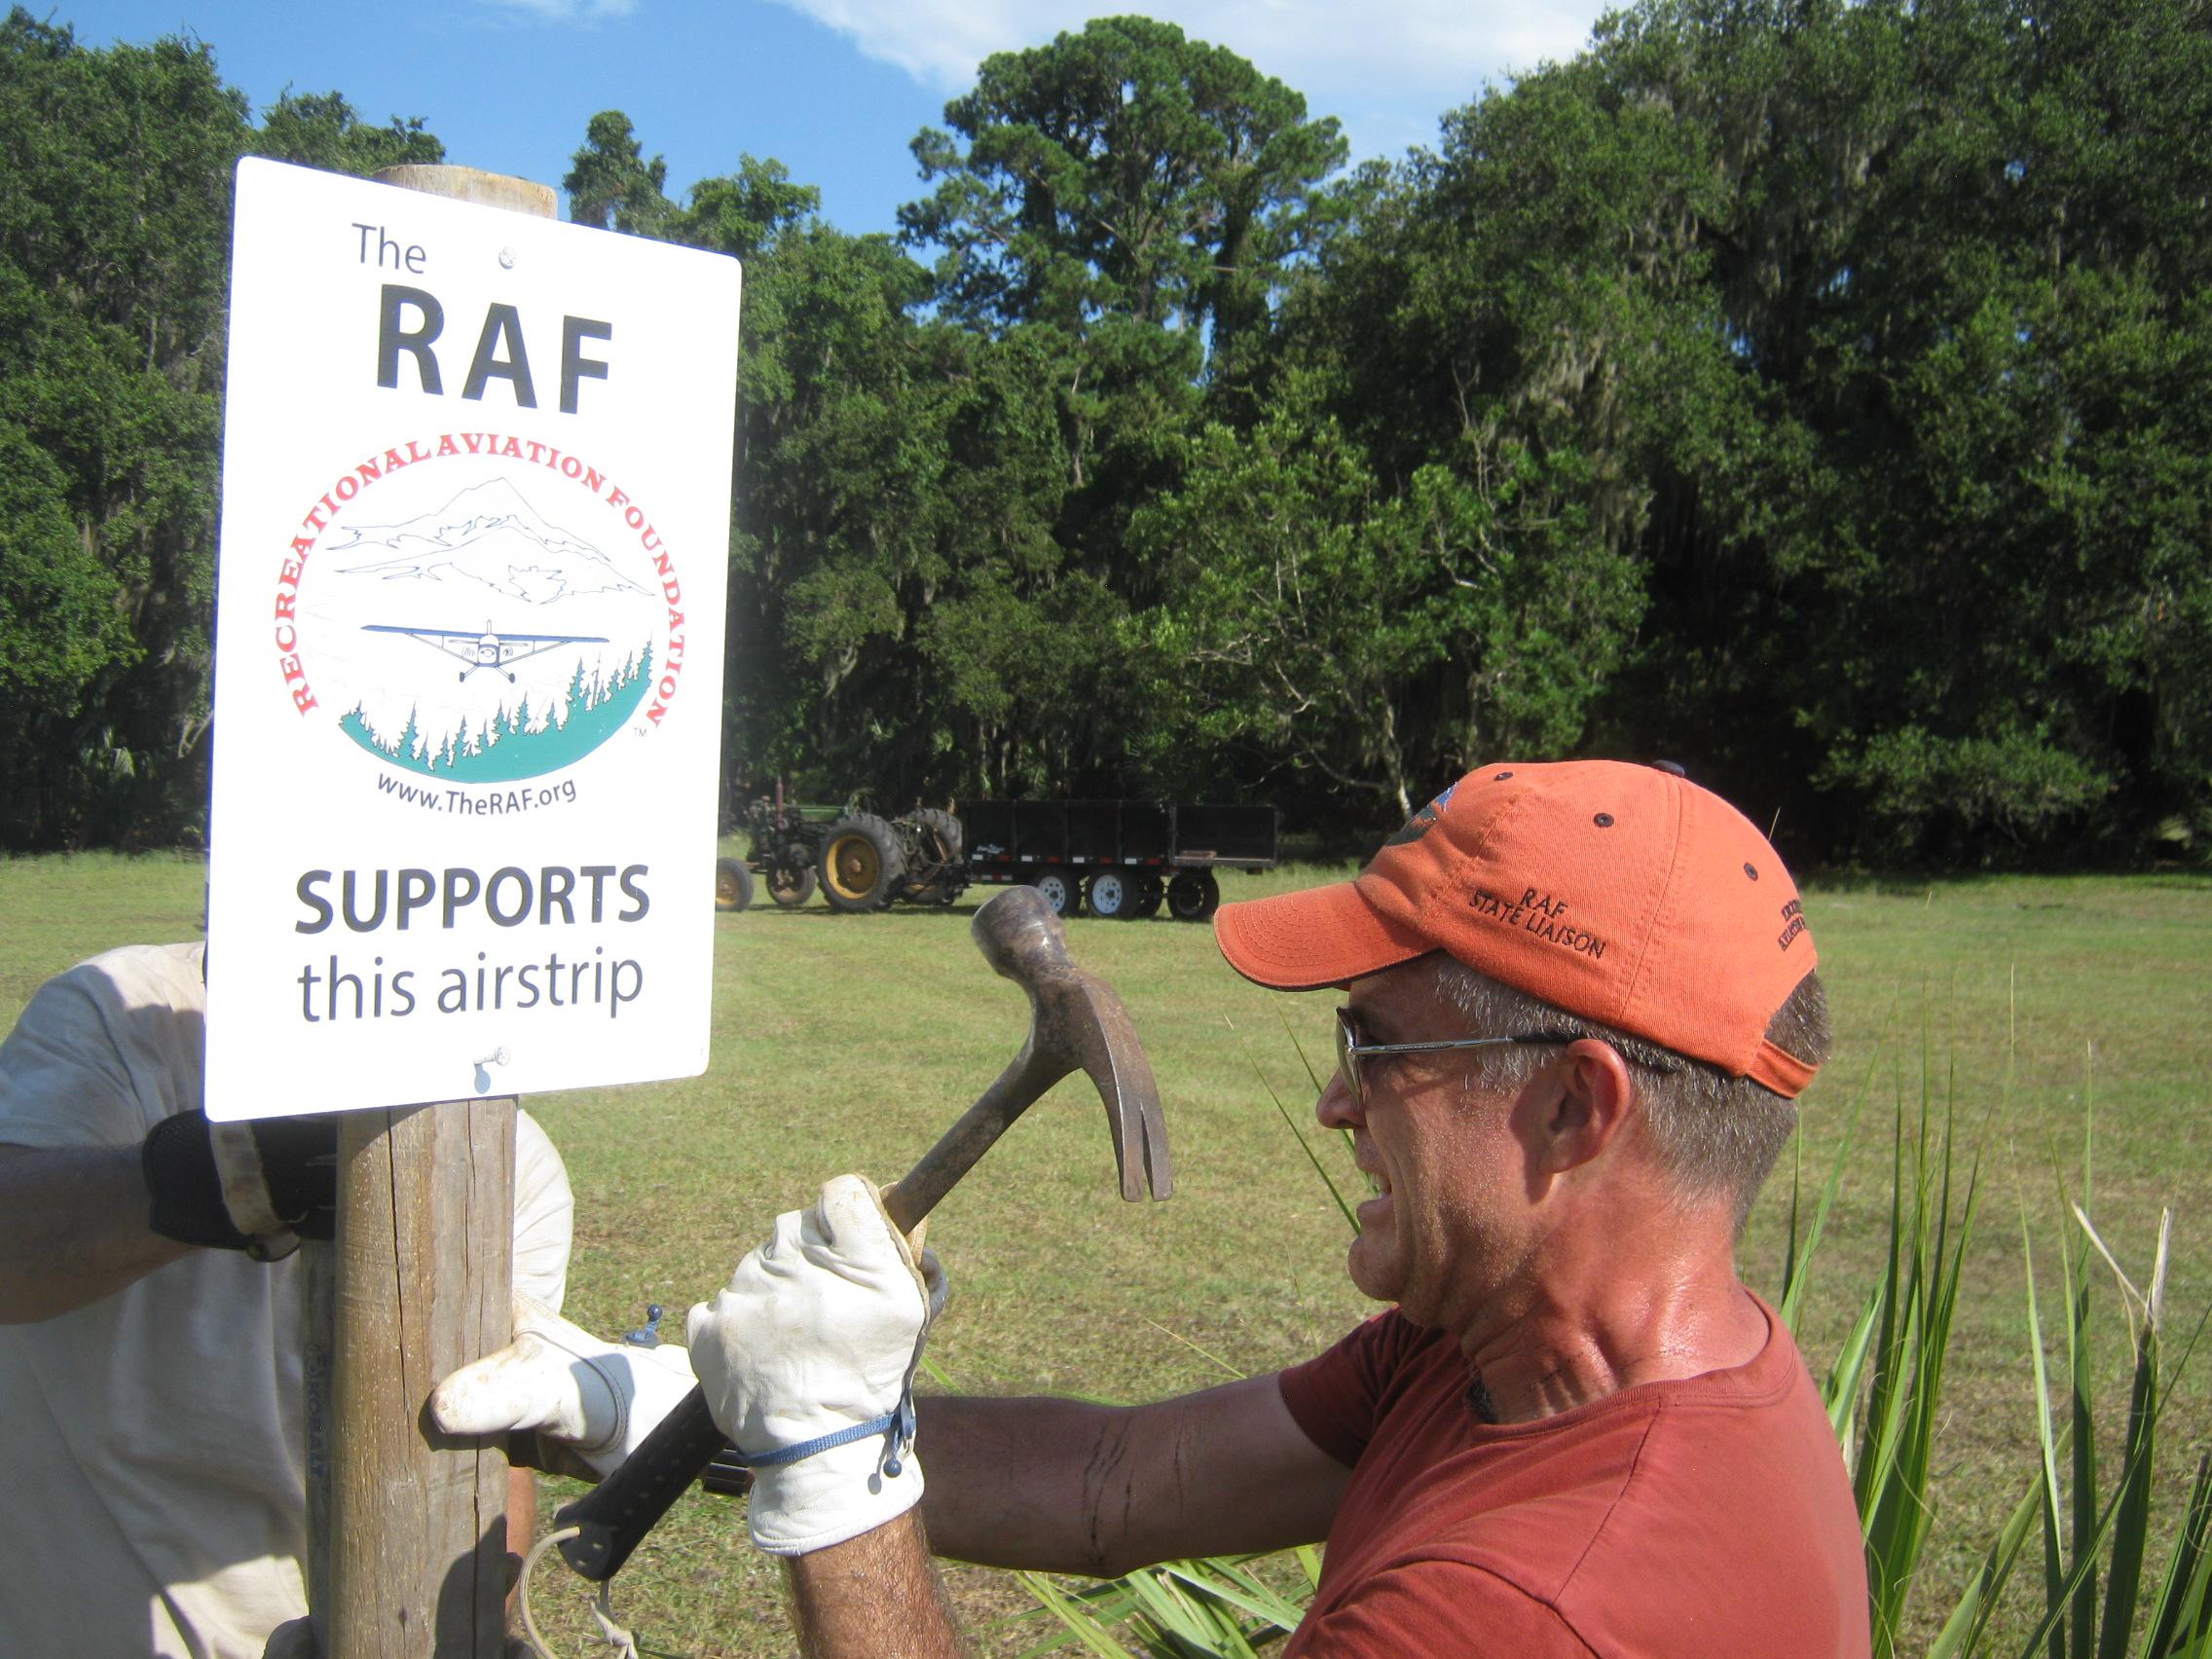 RAF SCORES A HR 172 (1)